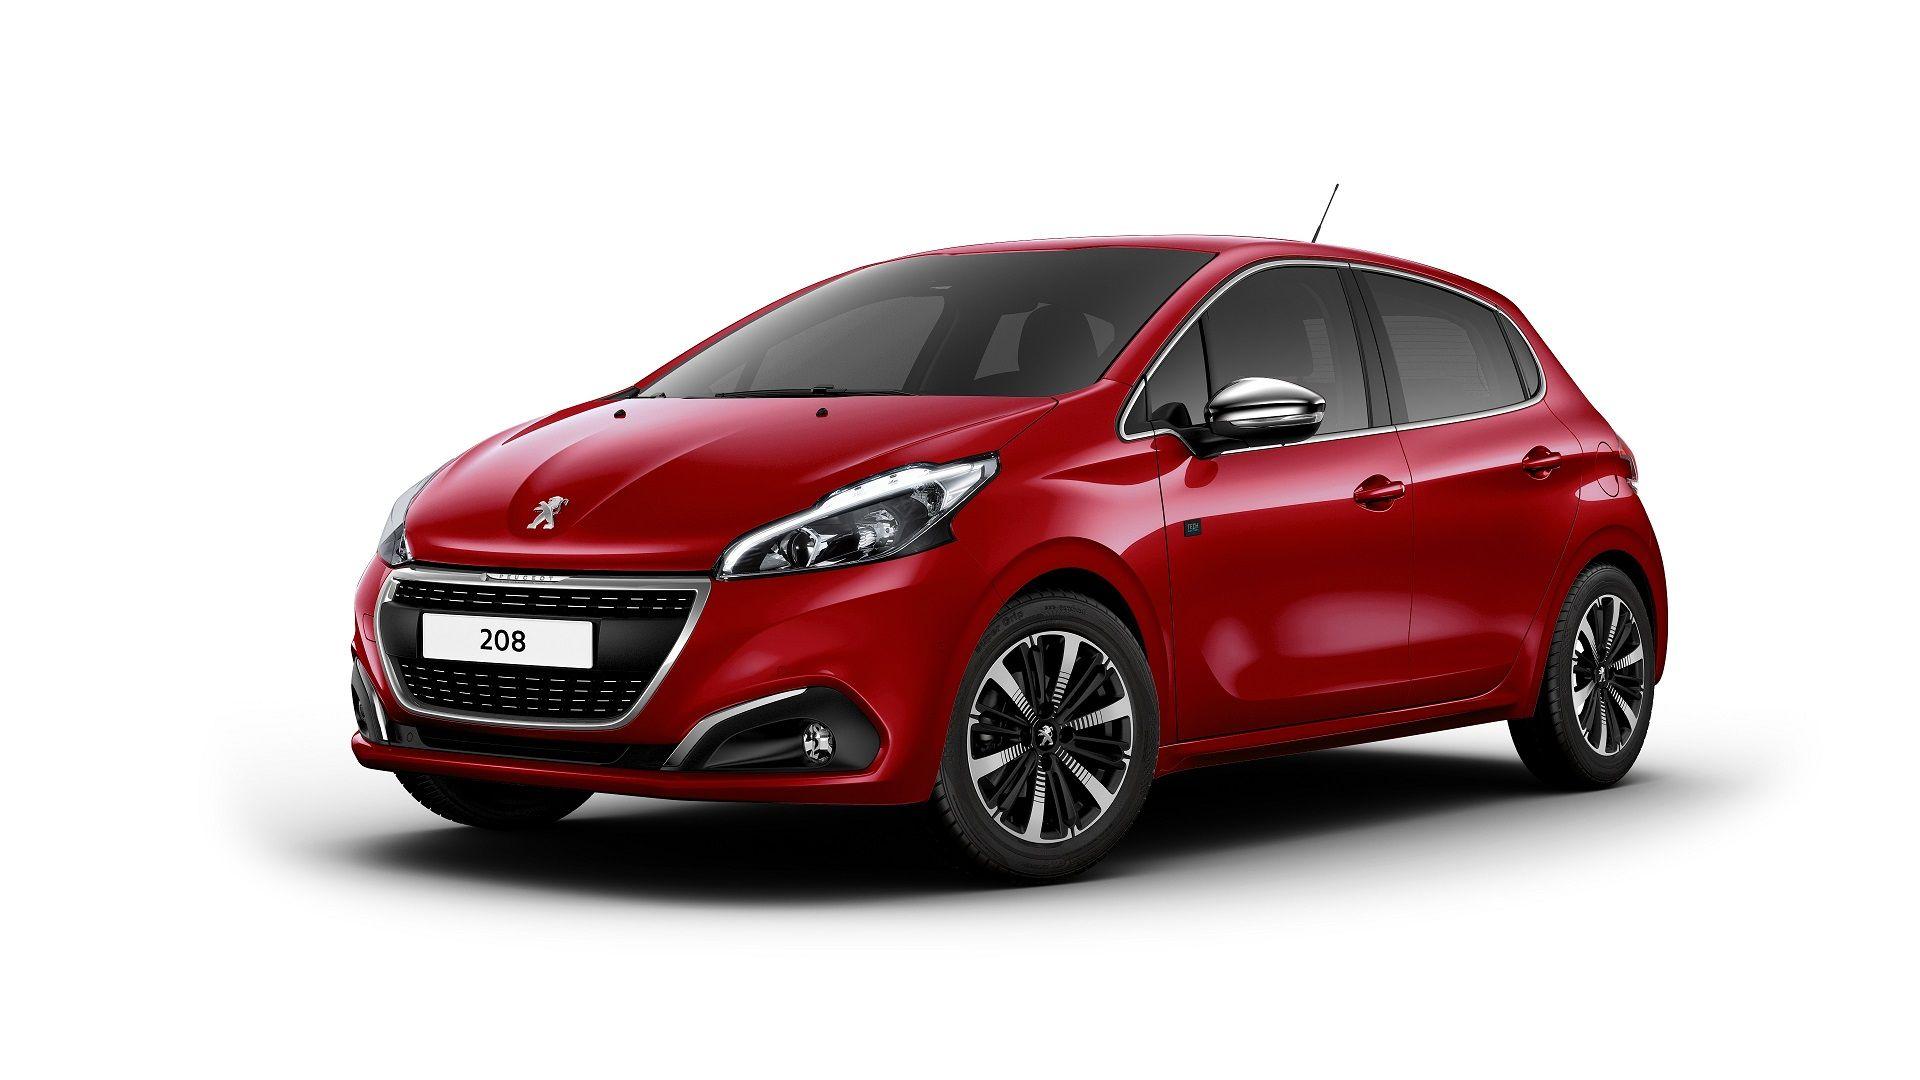 El Peugeot 208 exprime su potencial tecnológico con la serie especial Tech Edition